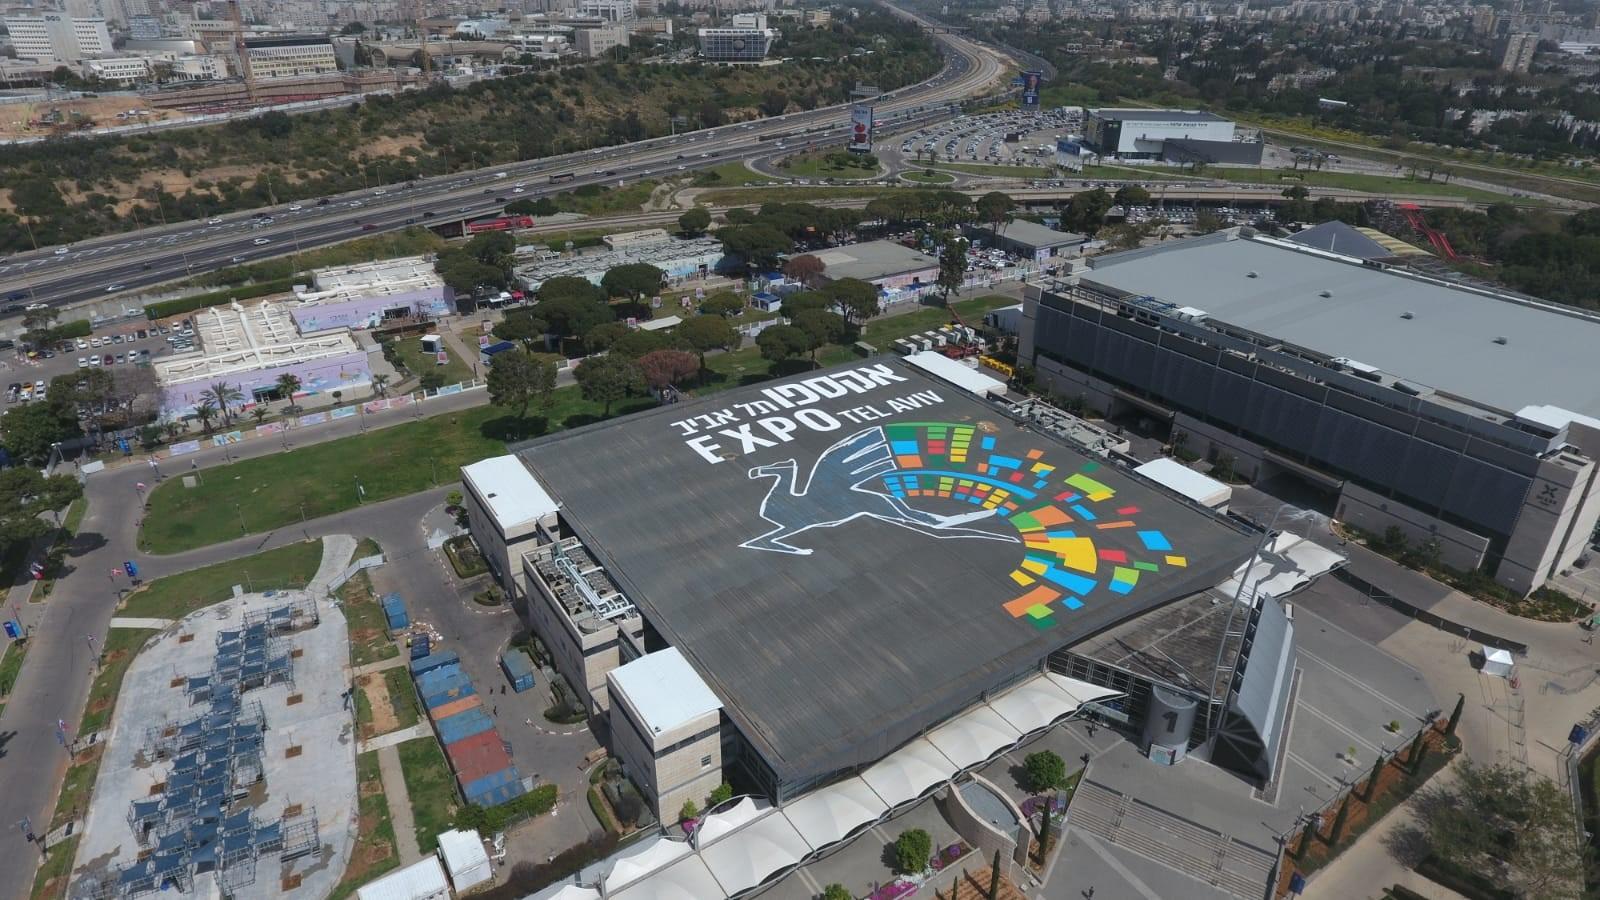 La EXPO Tel Aviv cooperará con Abu Dabi para fomentar el turismo MICE regional